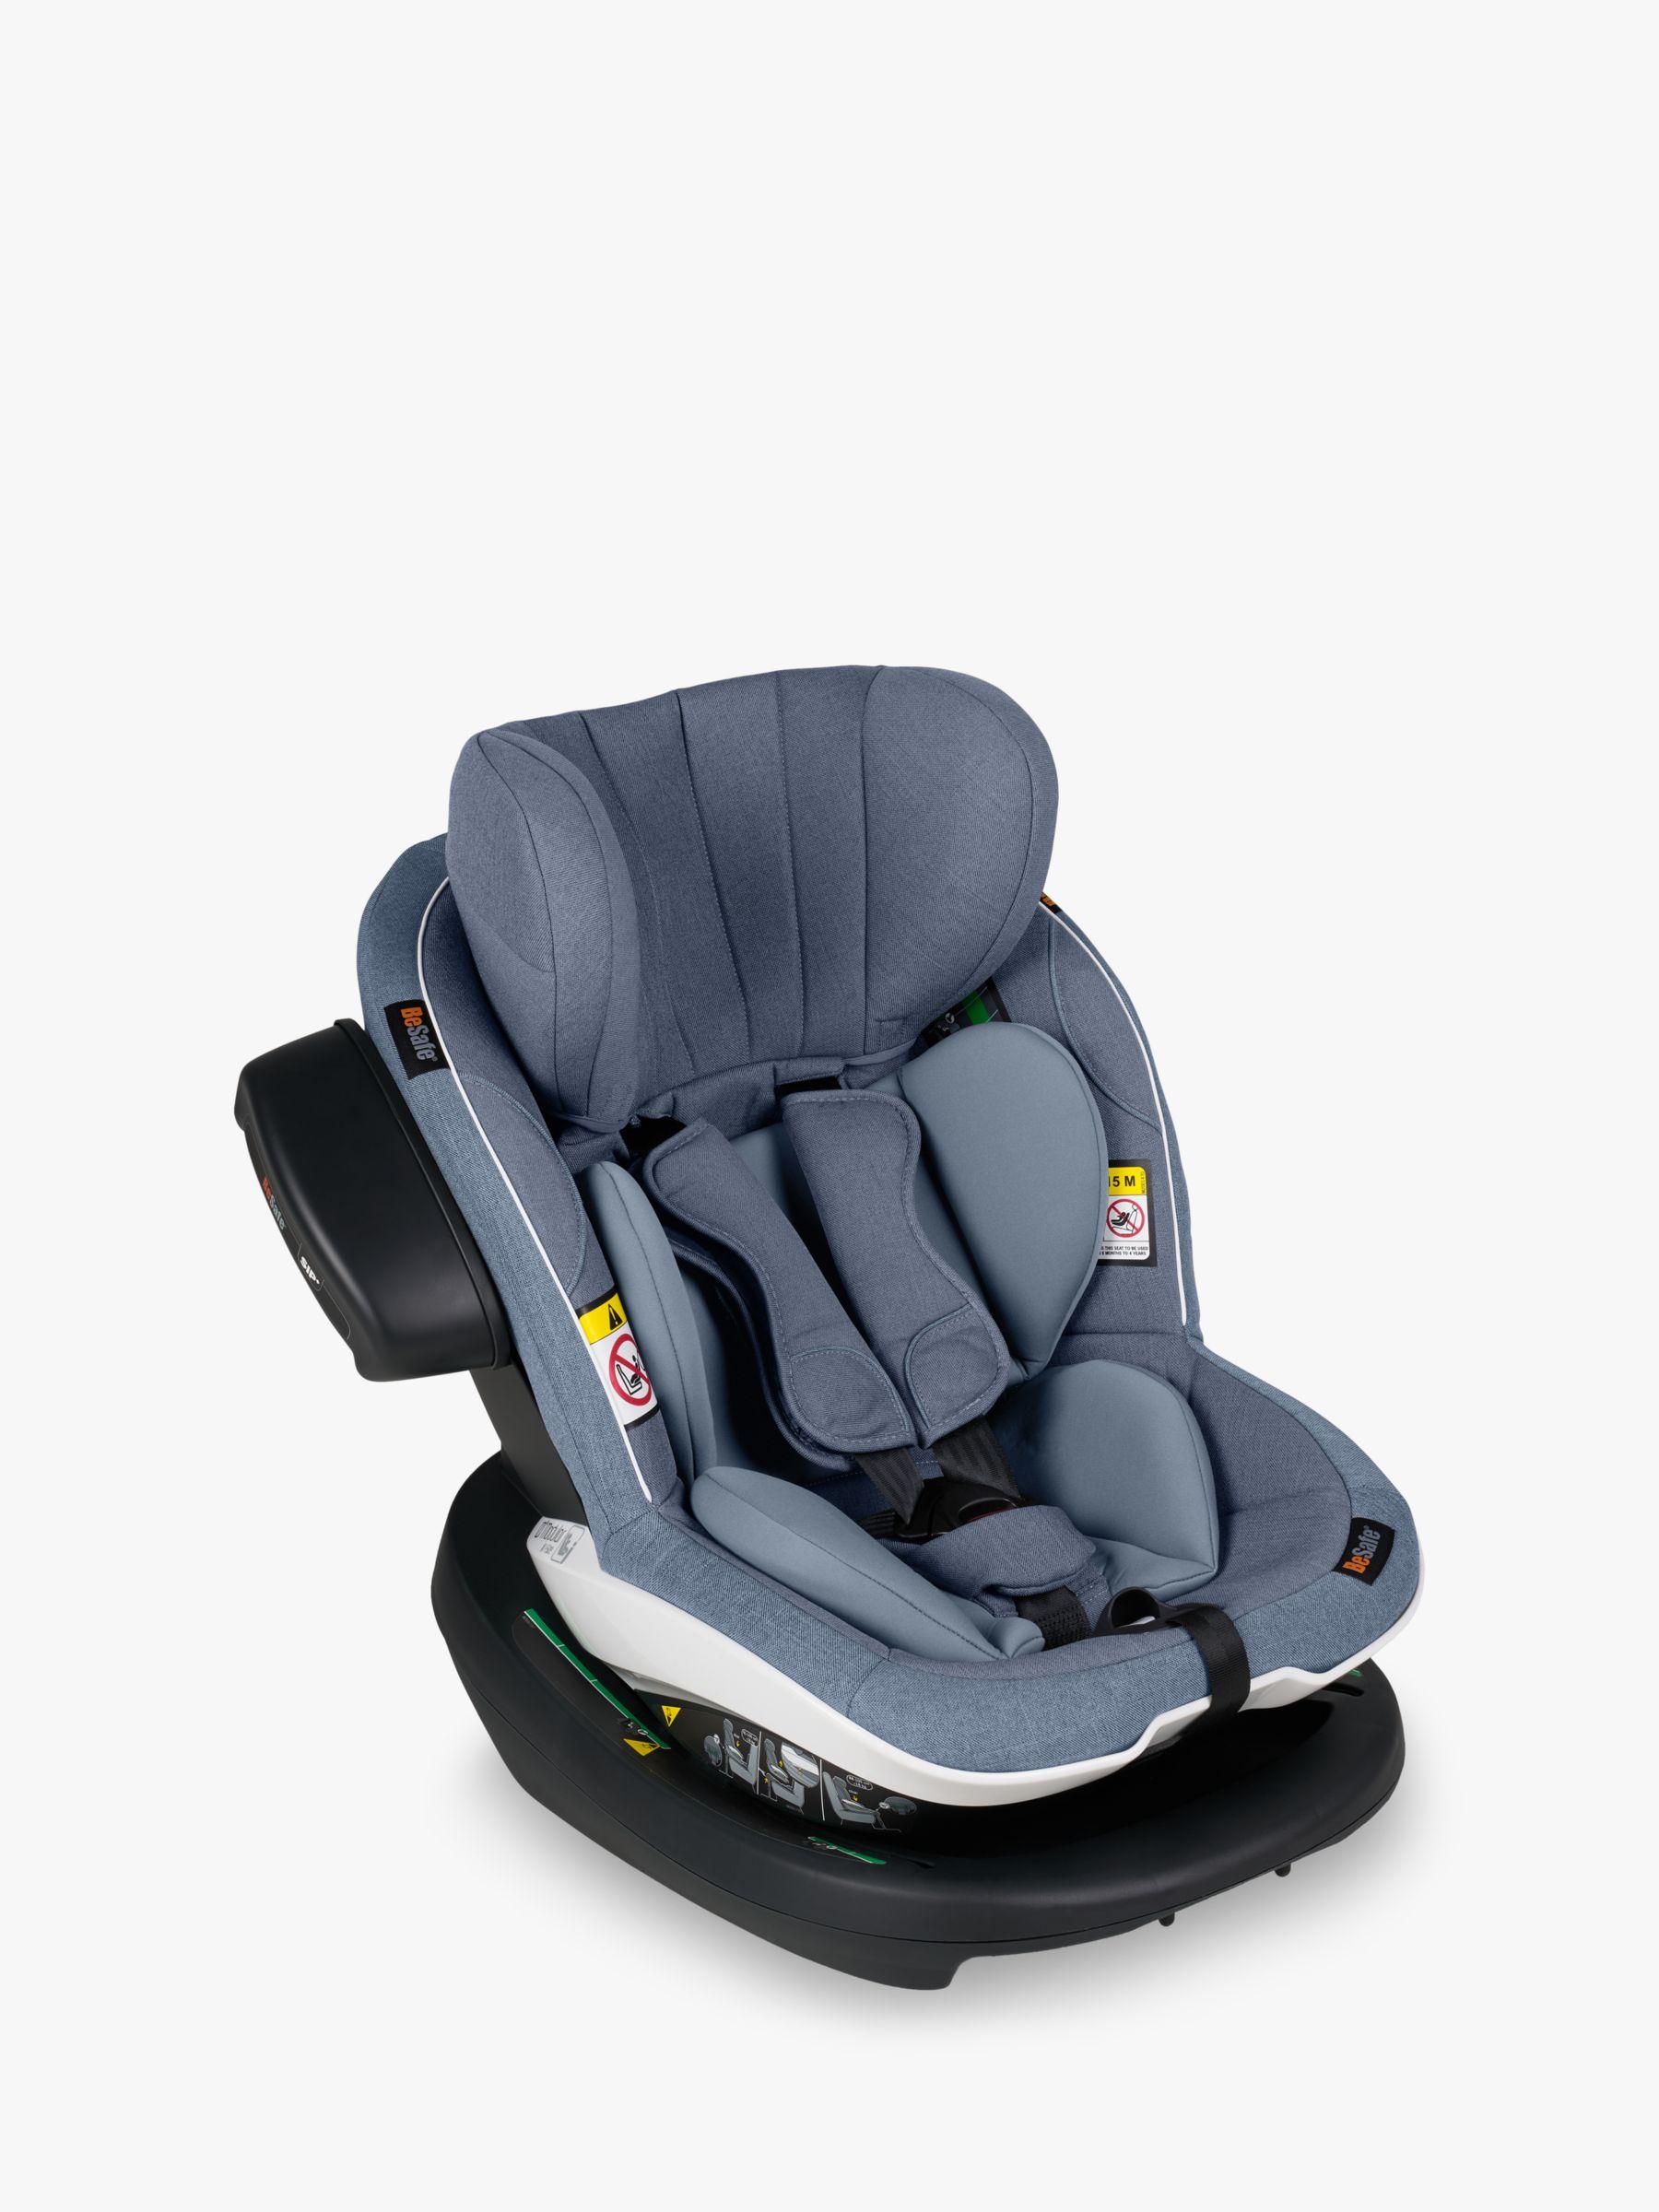 BeSafe BeSafe iZi Modular X1 i-Size Group 1 Car Seat, Cloud Melange